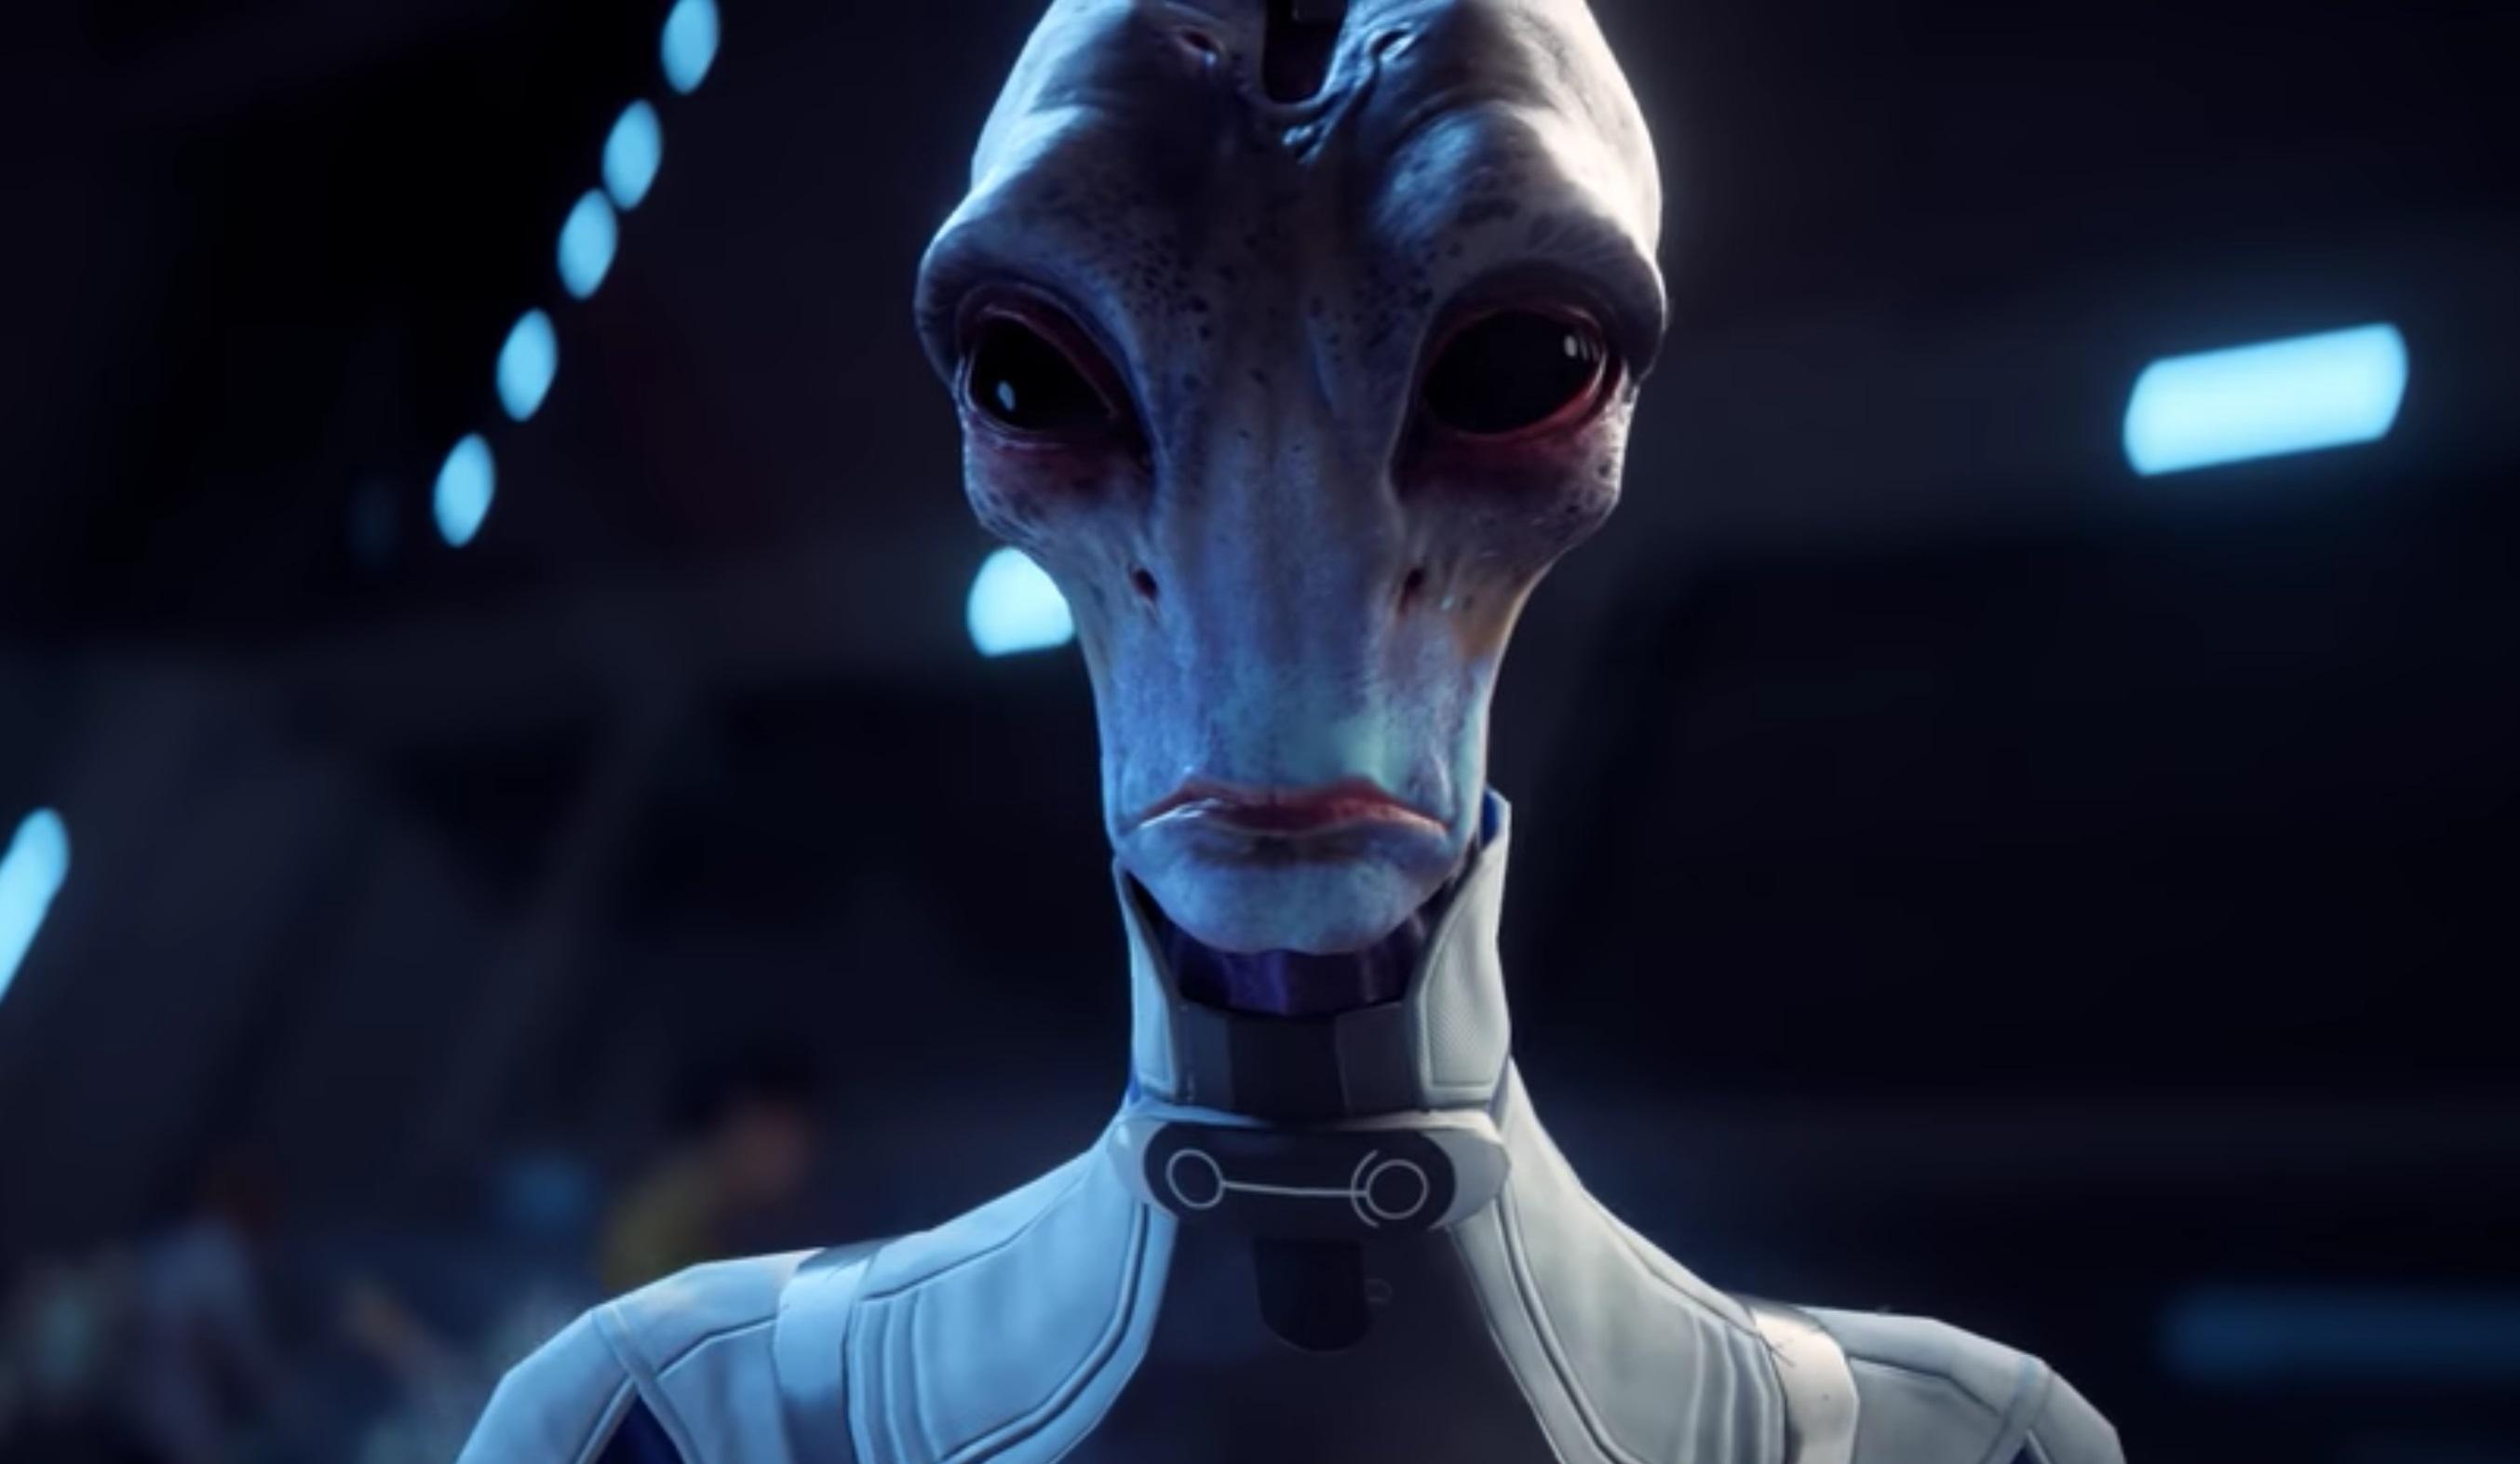 Mass Effect: Andromeda – Diese 3 Cryo-Kapseln solltet Ihr zuerst öffnen!